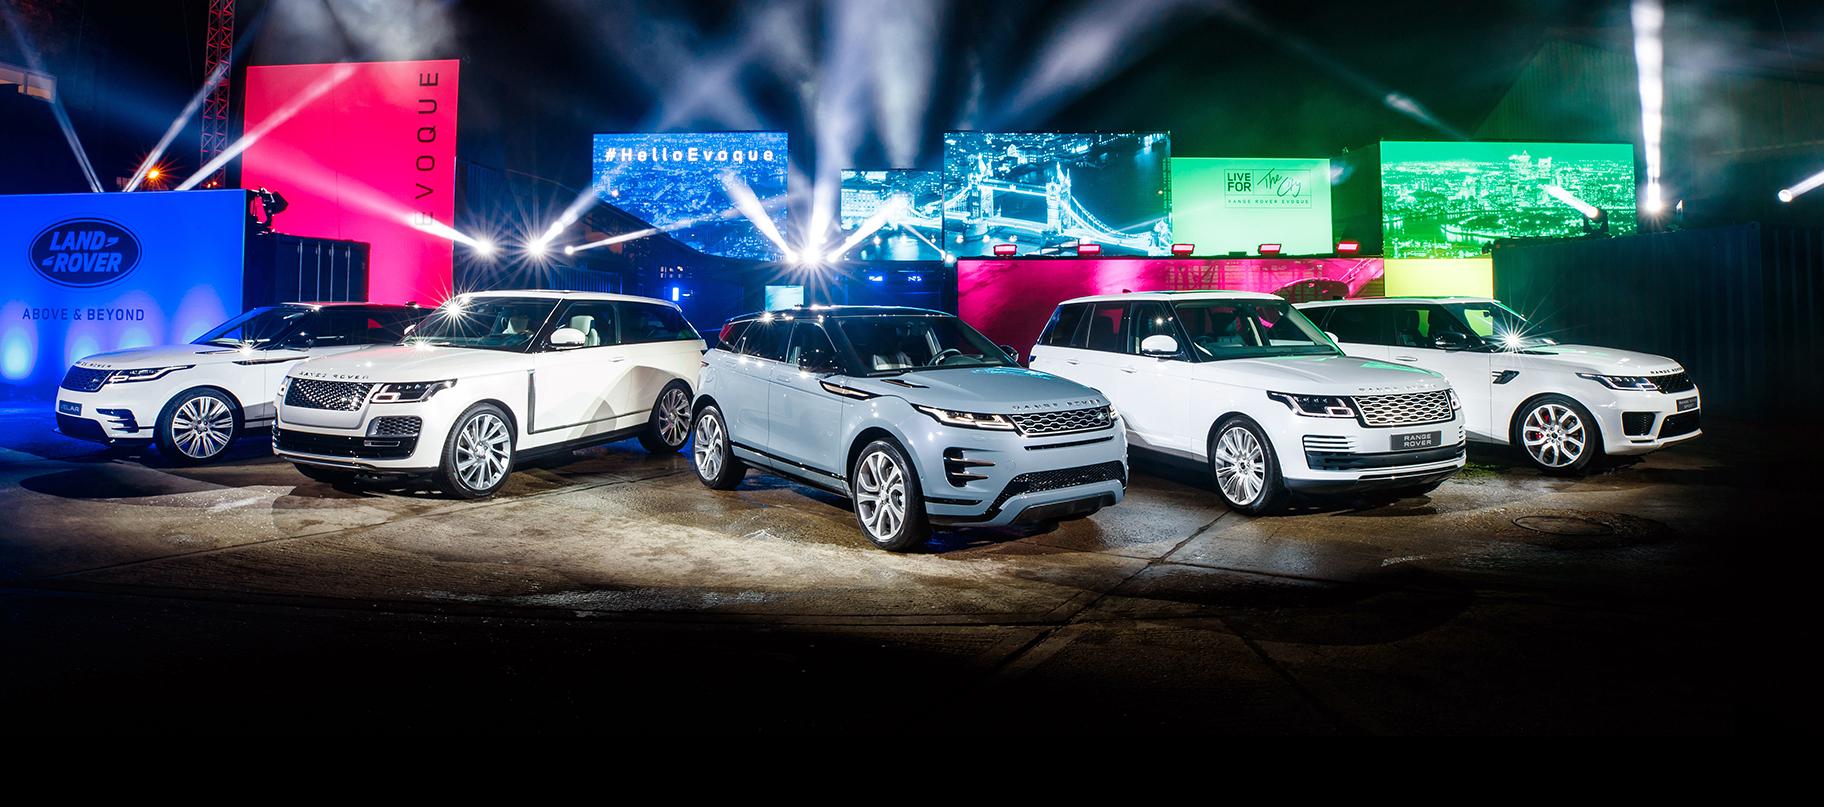 Presentado el nuevo Range Rover Evoque - Vídeo